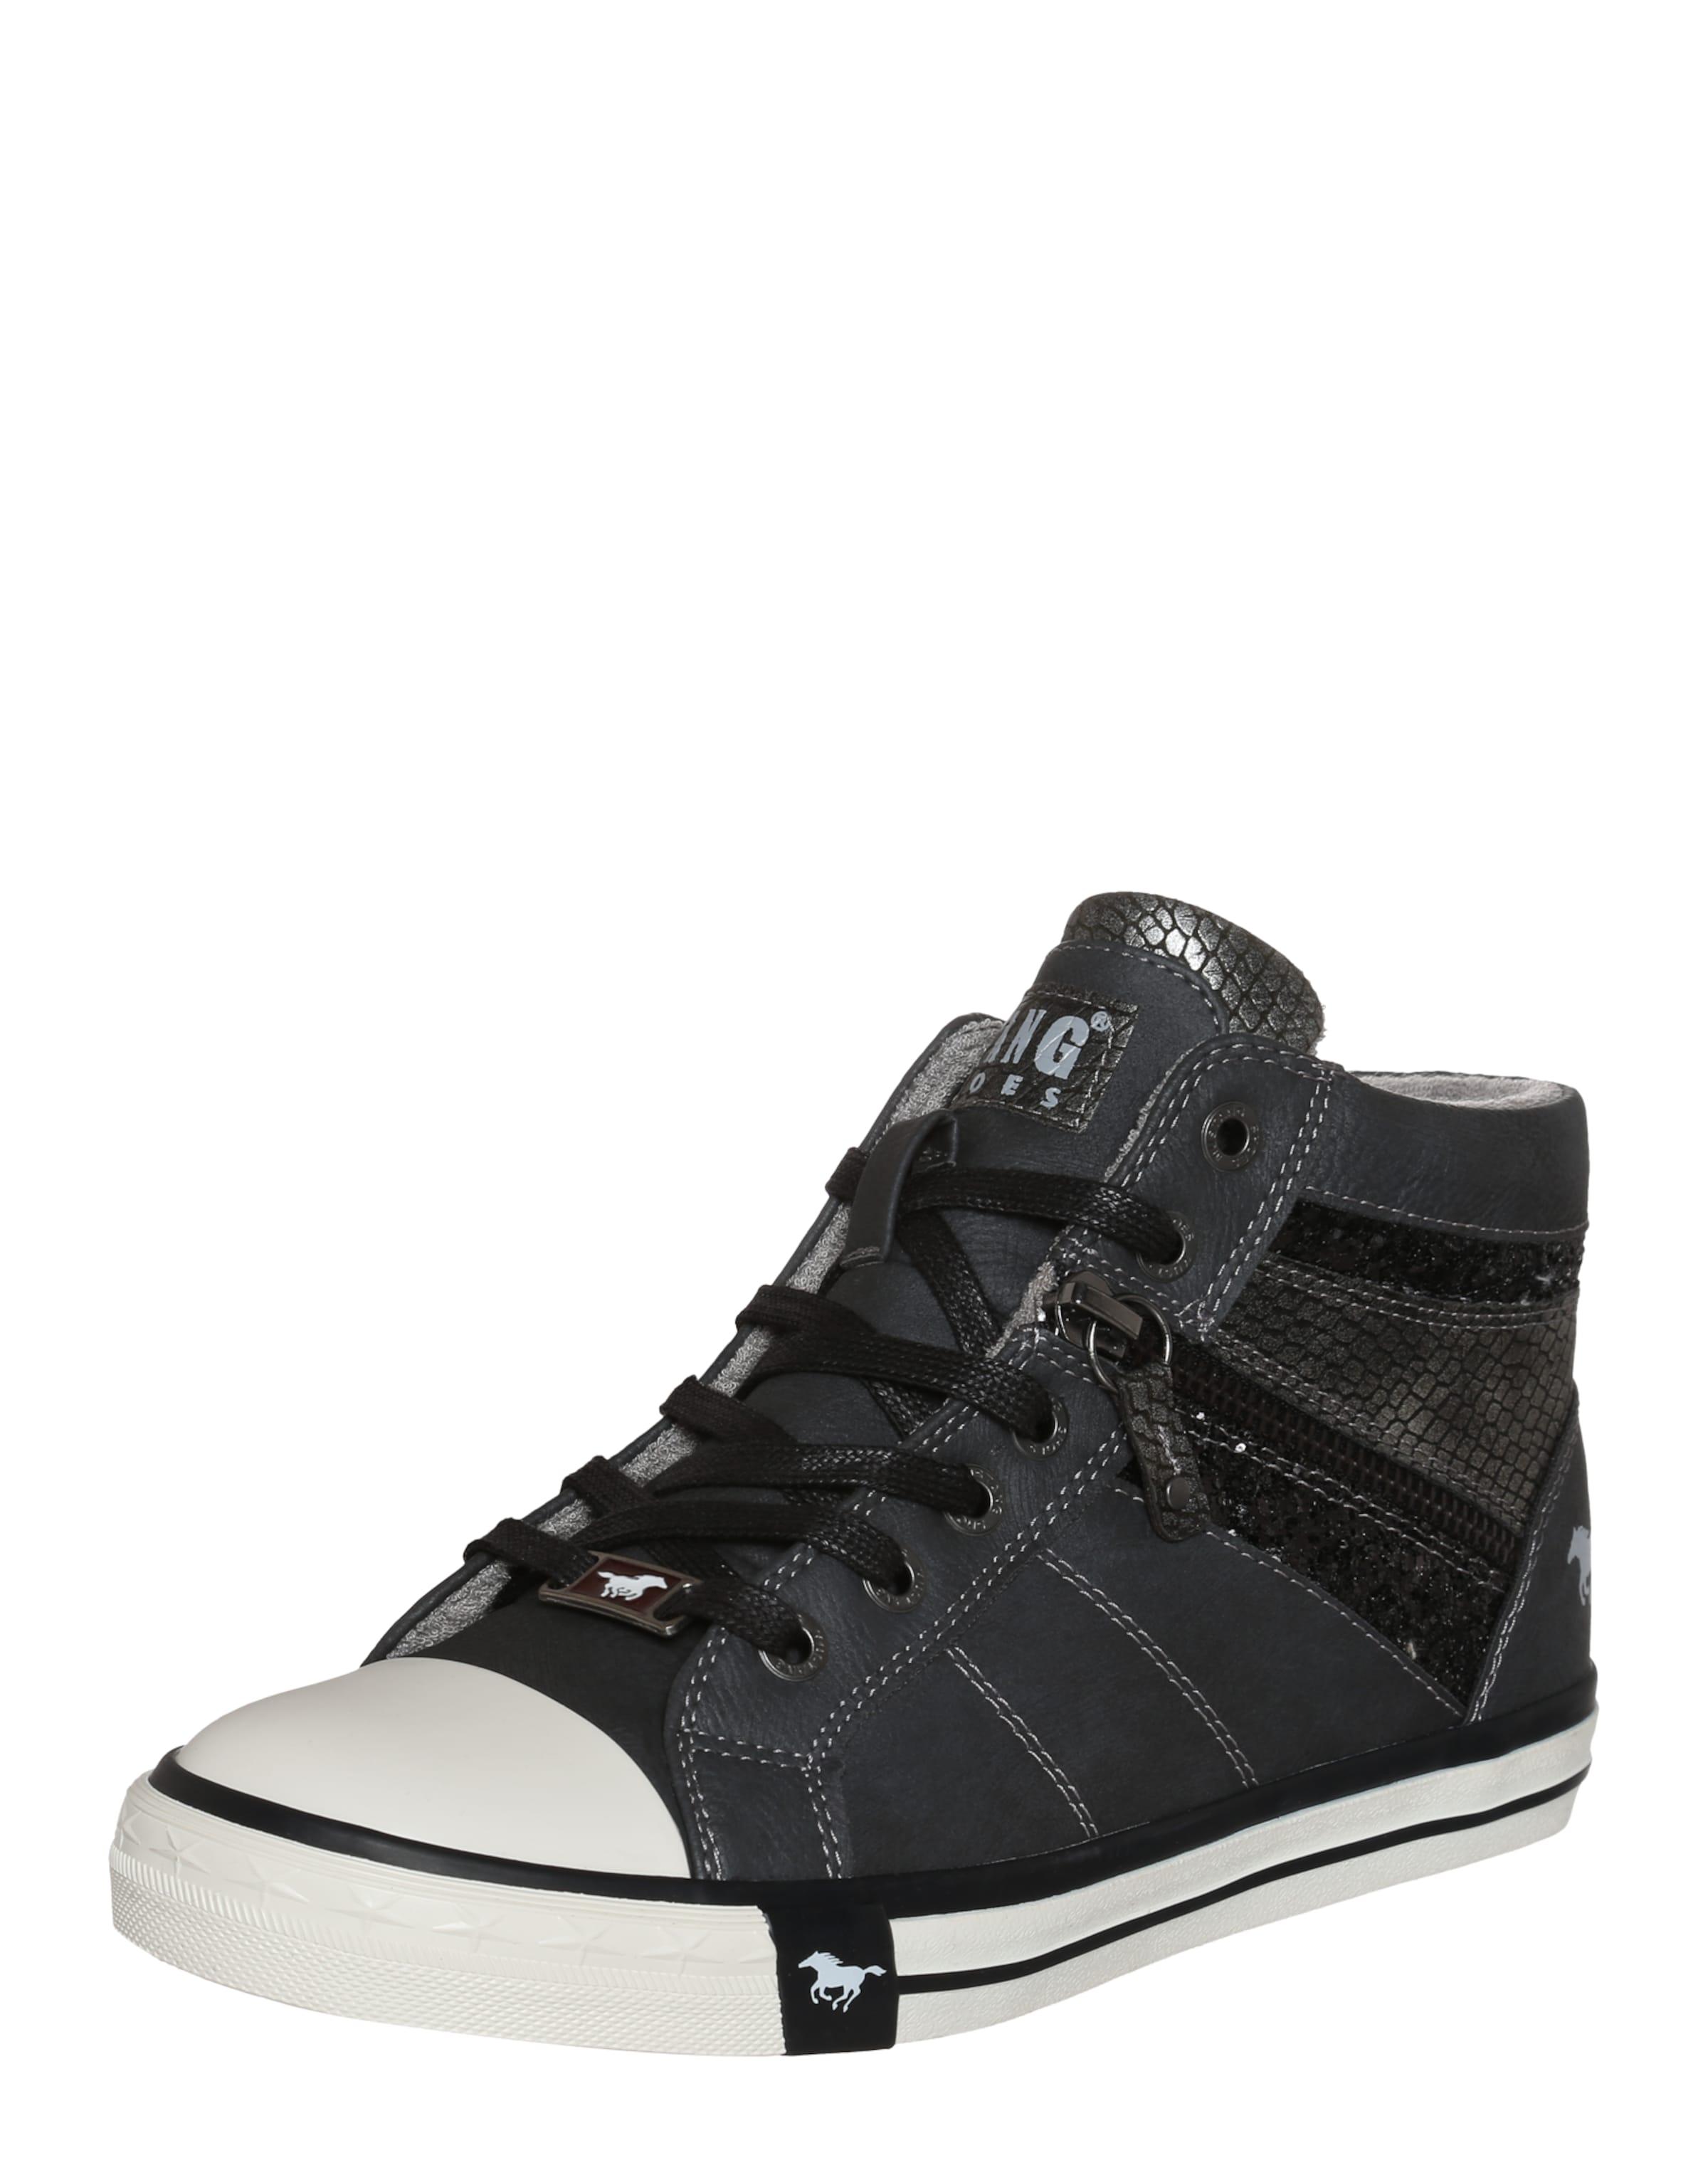 MUSTANG Sneaker mit Glitzerdetails Verschleißfeste billige Schuhe